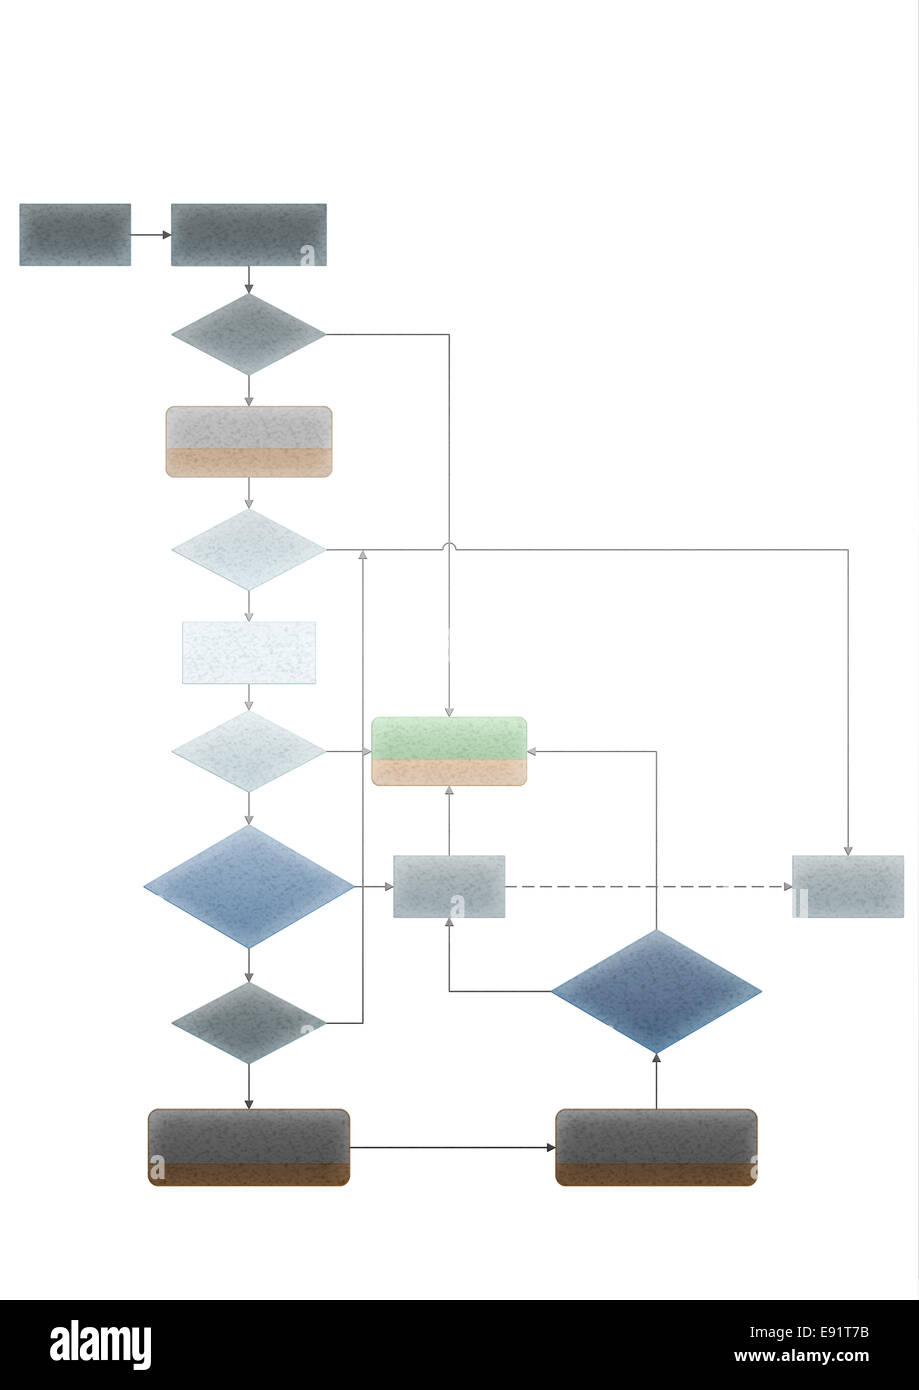 Atemberaubend Ablaufdiagramm Fotos - Elektrische Schaltplan-Ideen ...